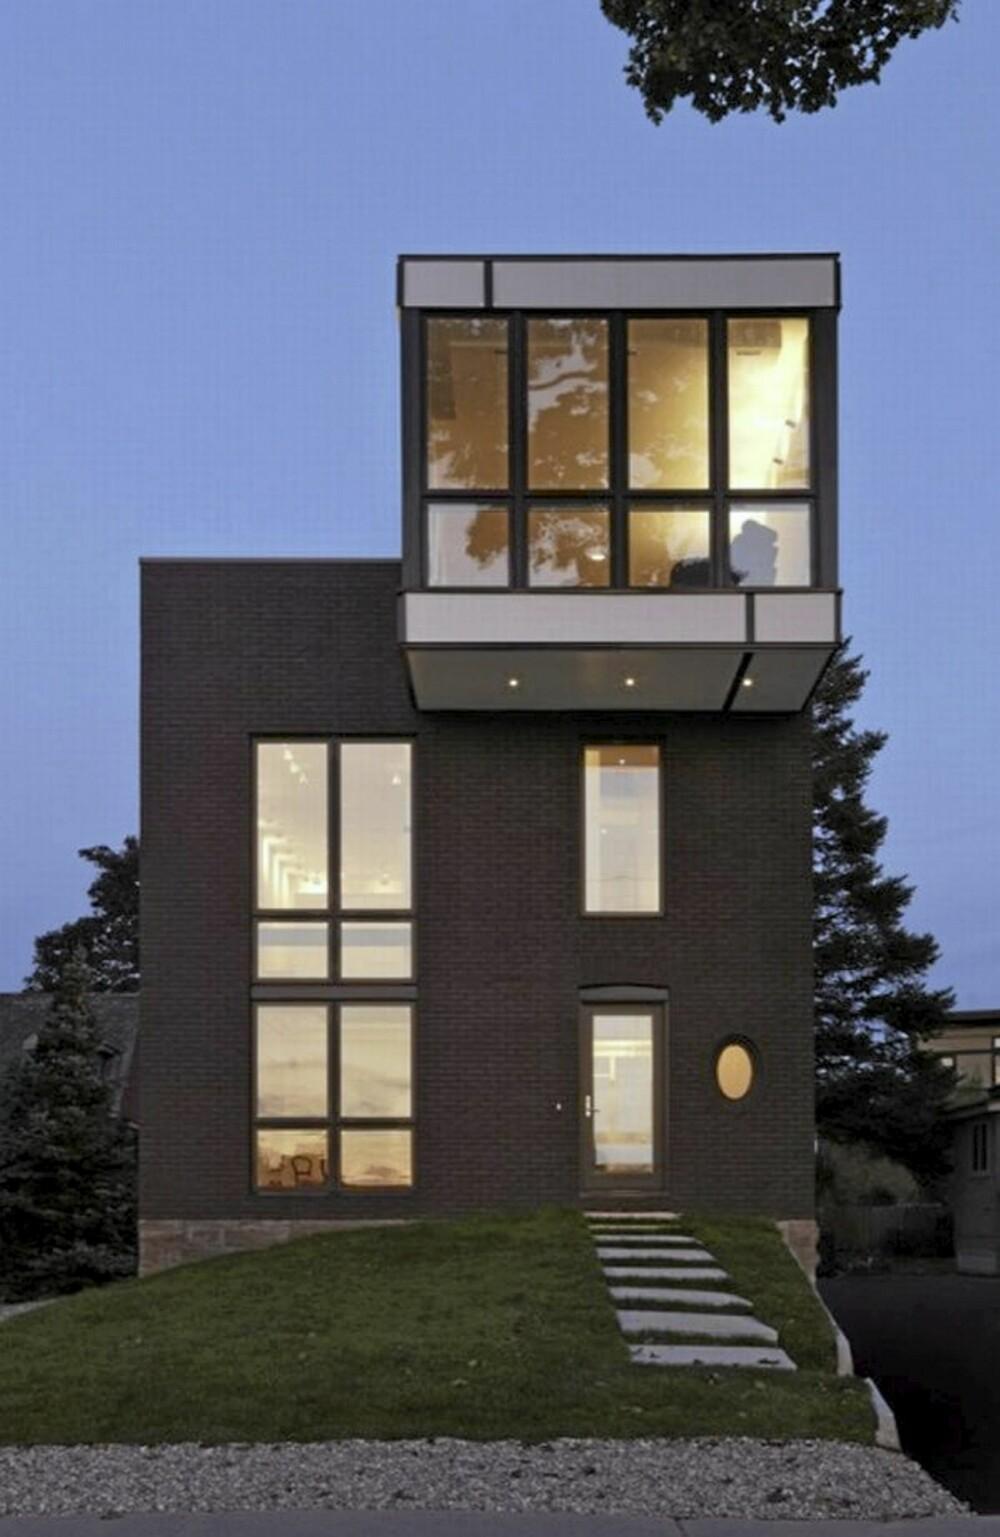 STOR FORANDRING: Masse lys fra store vindusflater, og utbygg som preger hele formen.